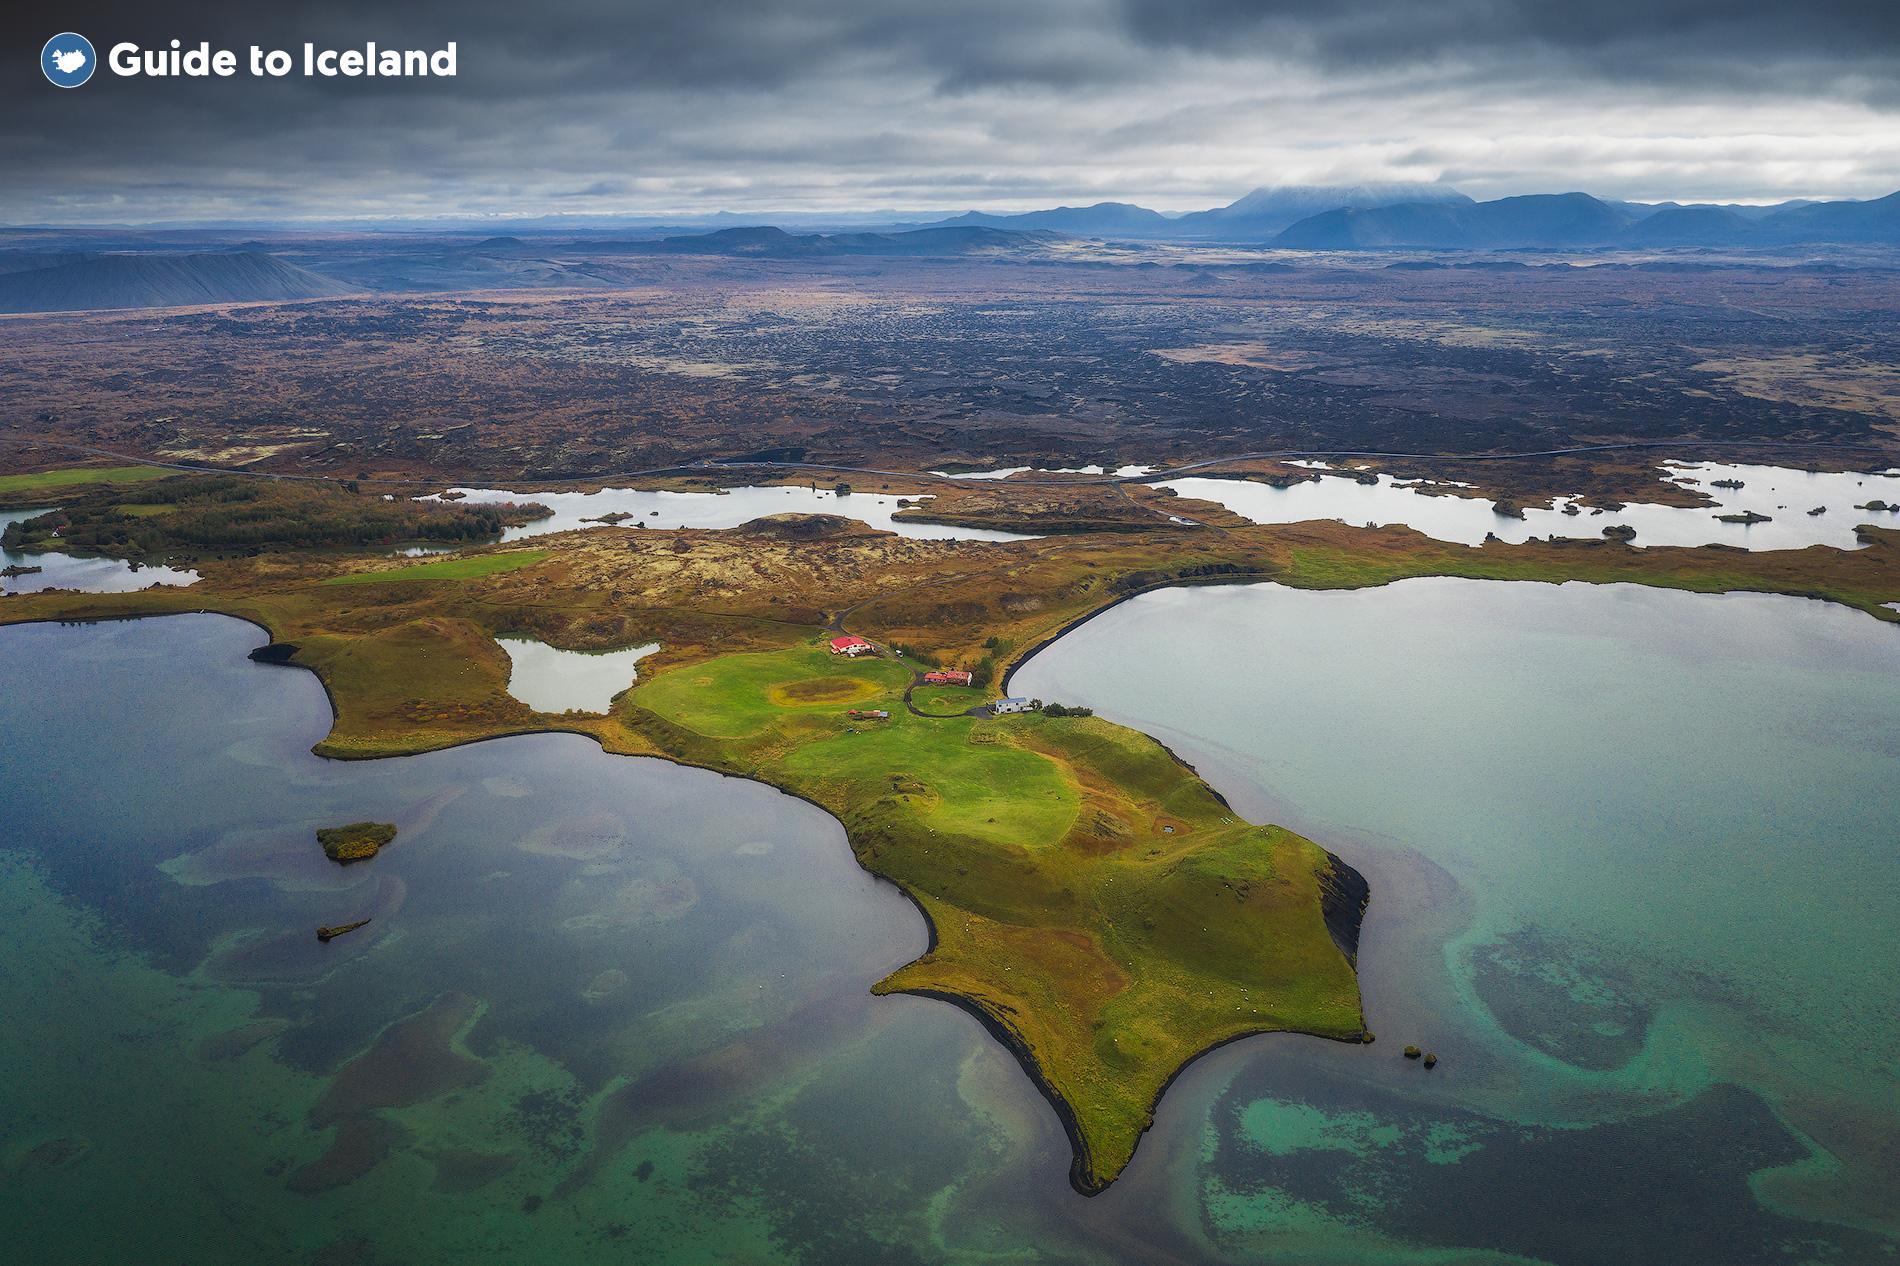 冰岛北部的广袤米湖